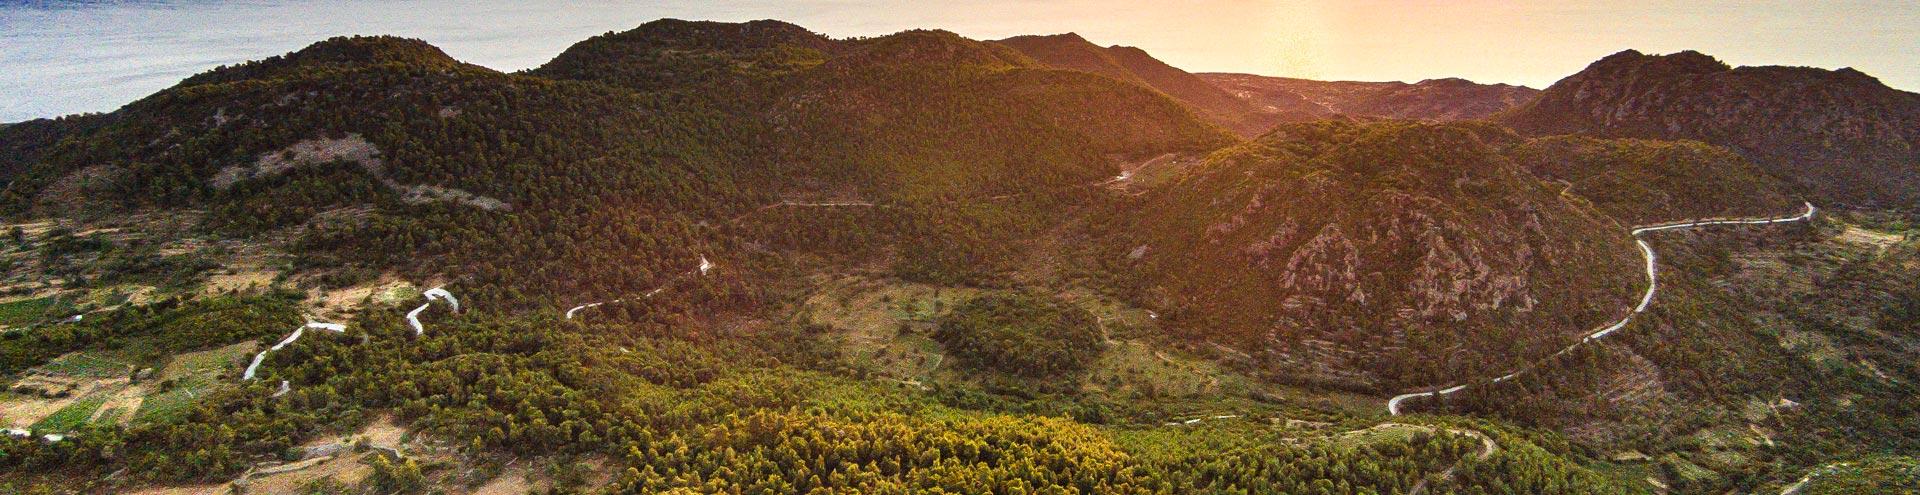 Το ηφαίστειο Σταυρολόγγος στα Μέθανα